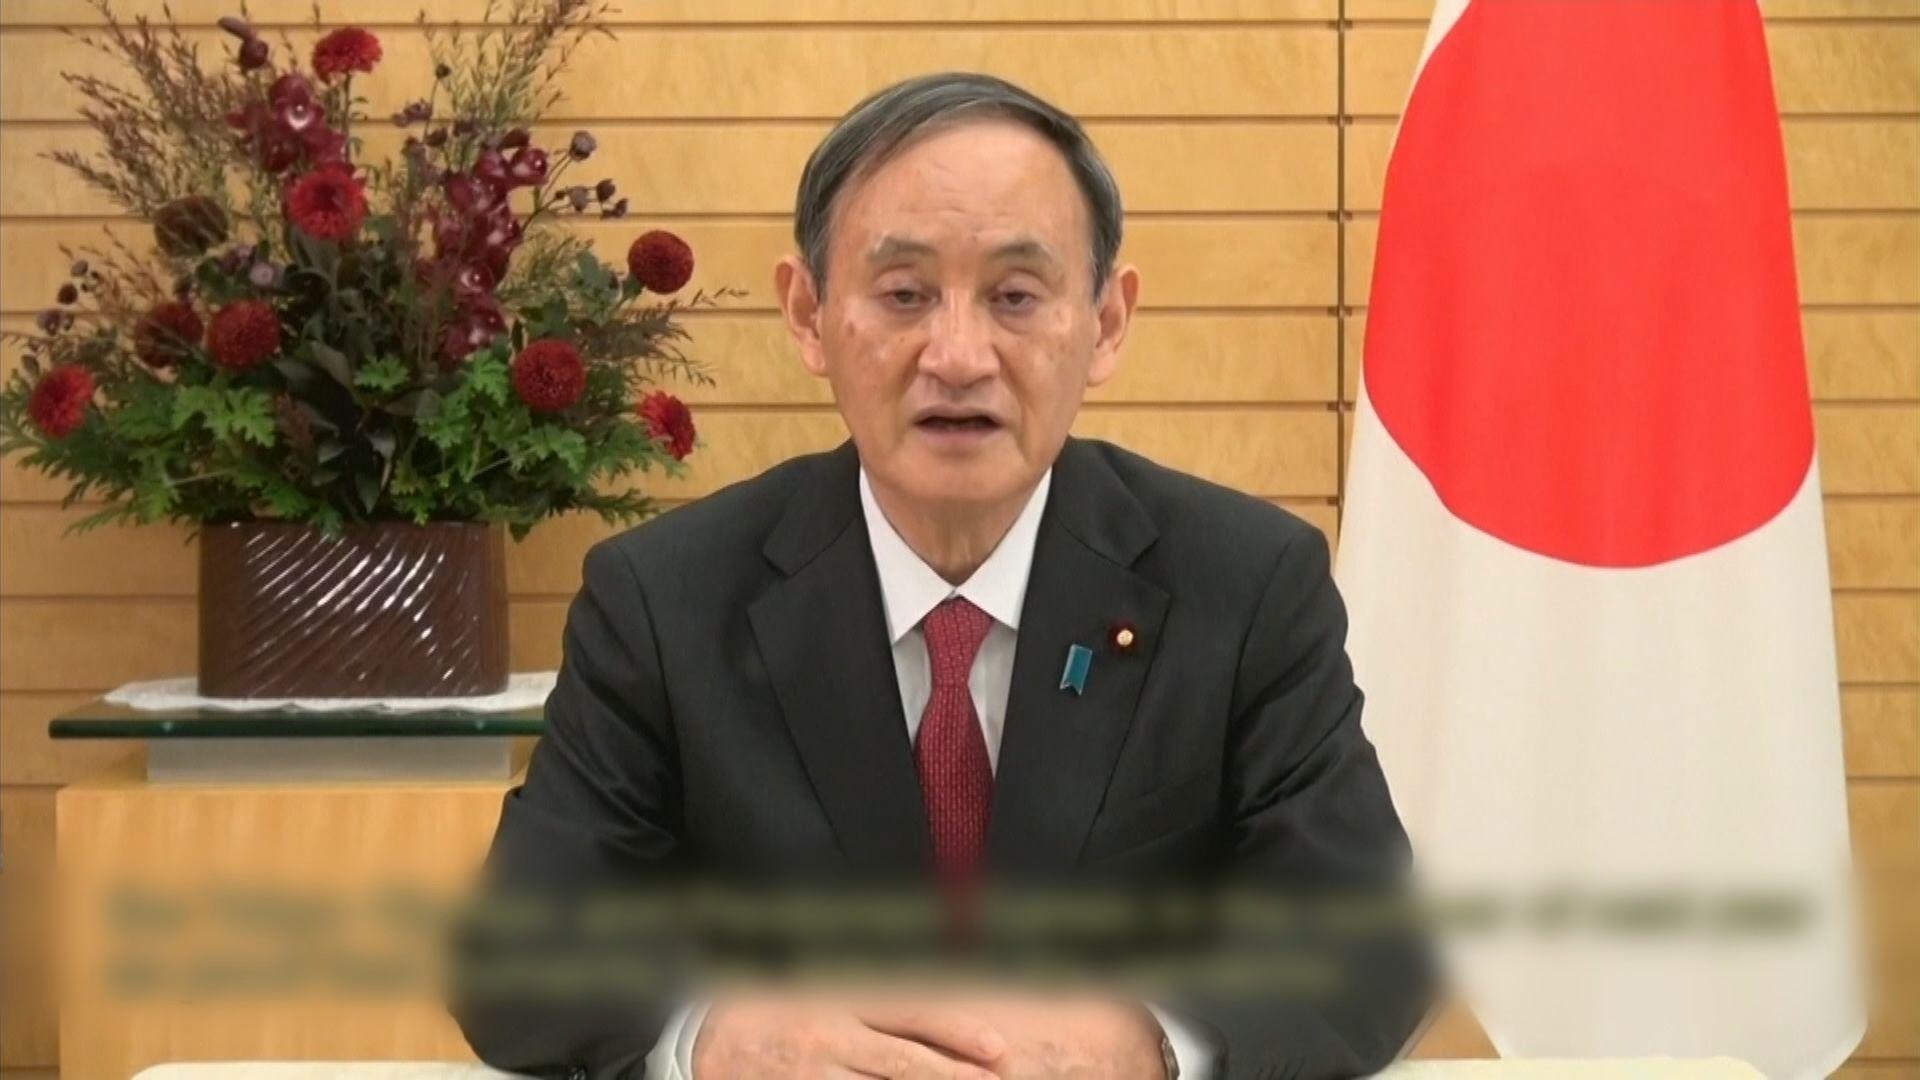 東京奧運押後 需追加2940億日圓經費